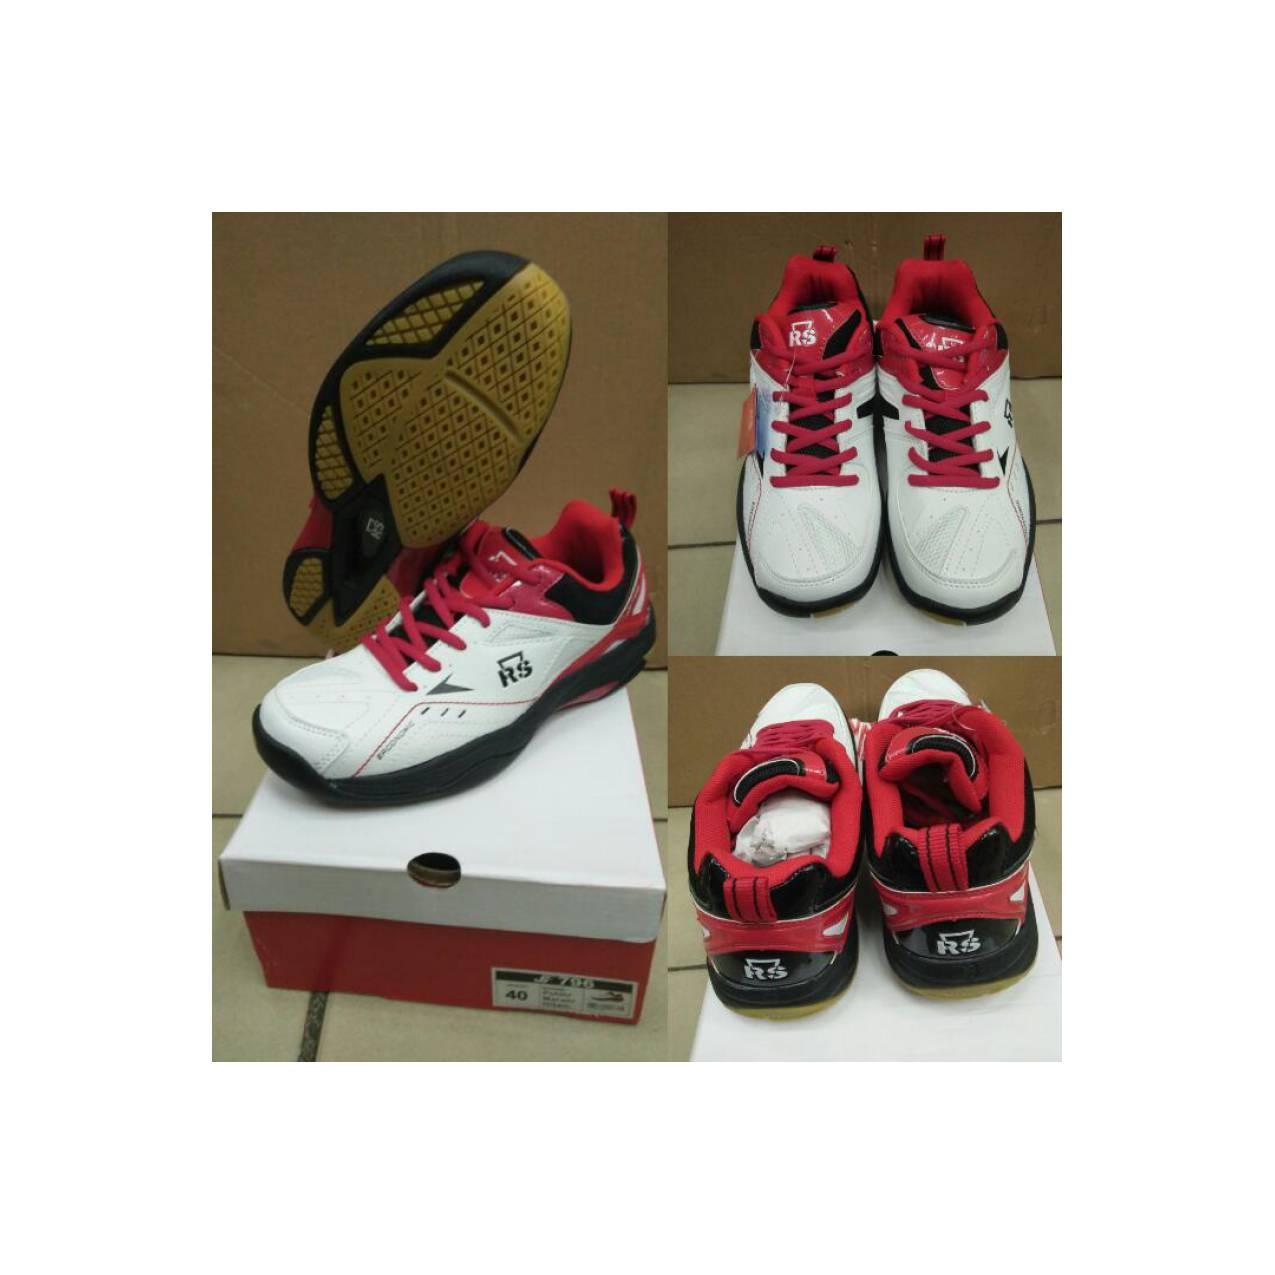 Sepatu Badminton / Bulutangkis RS JEFFER 796 / RS JF 796 - Original